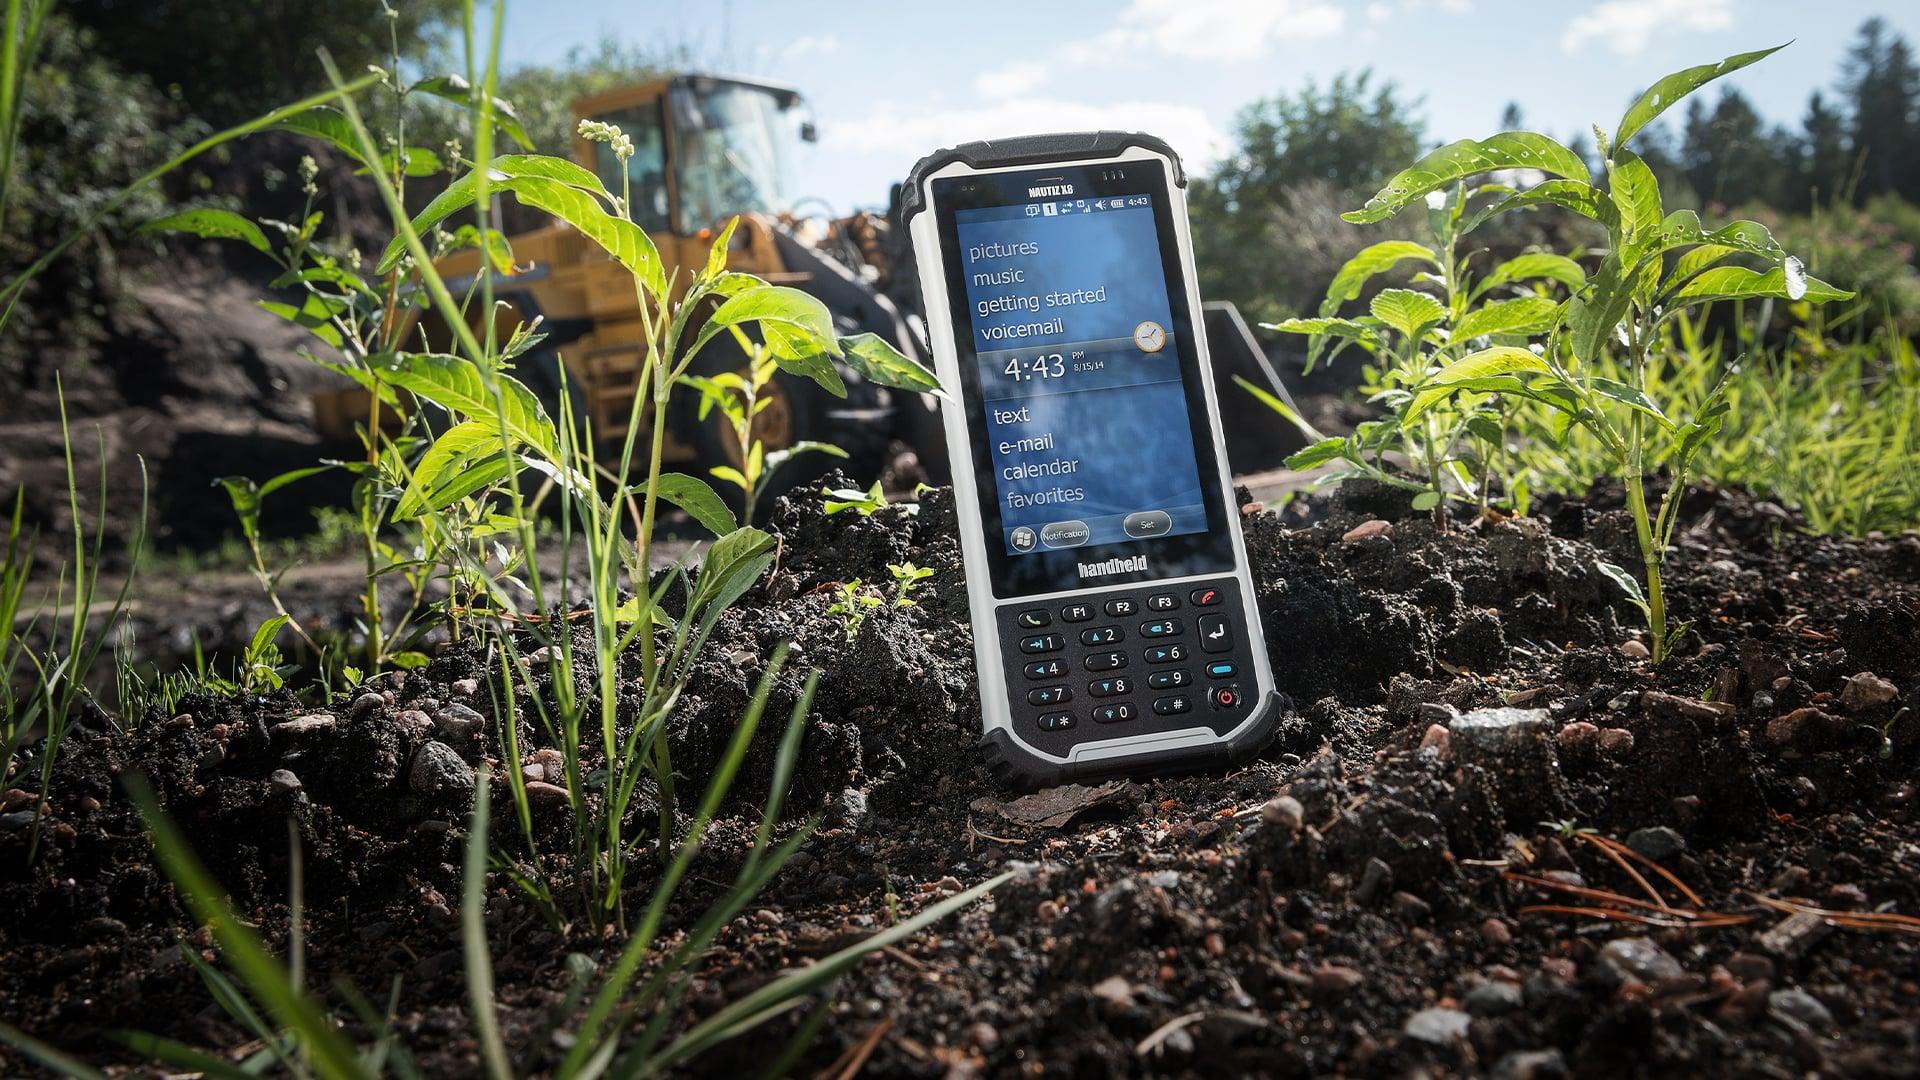 handheld nautiz x8 on ground next to plants